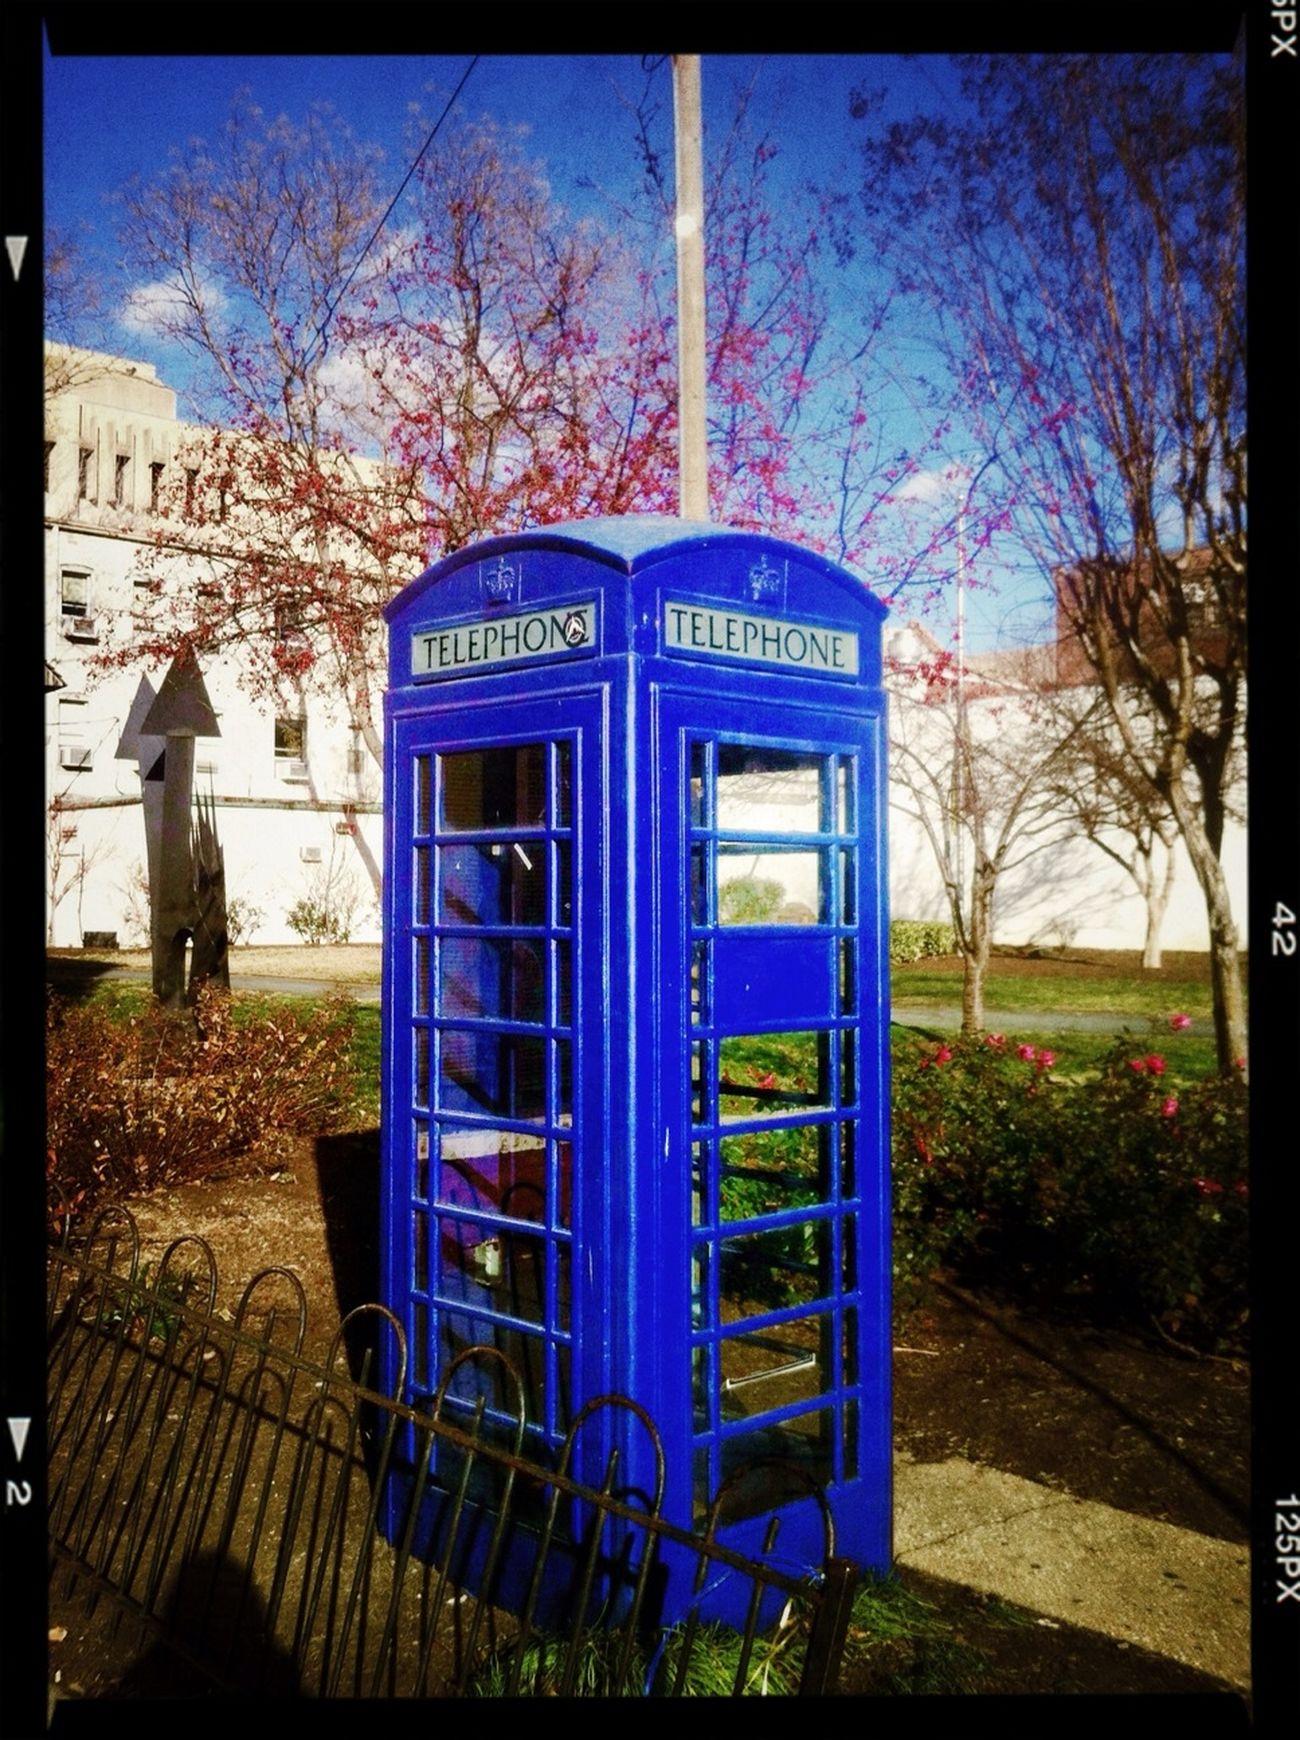 A little bit of London